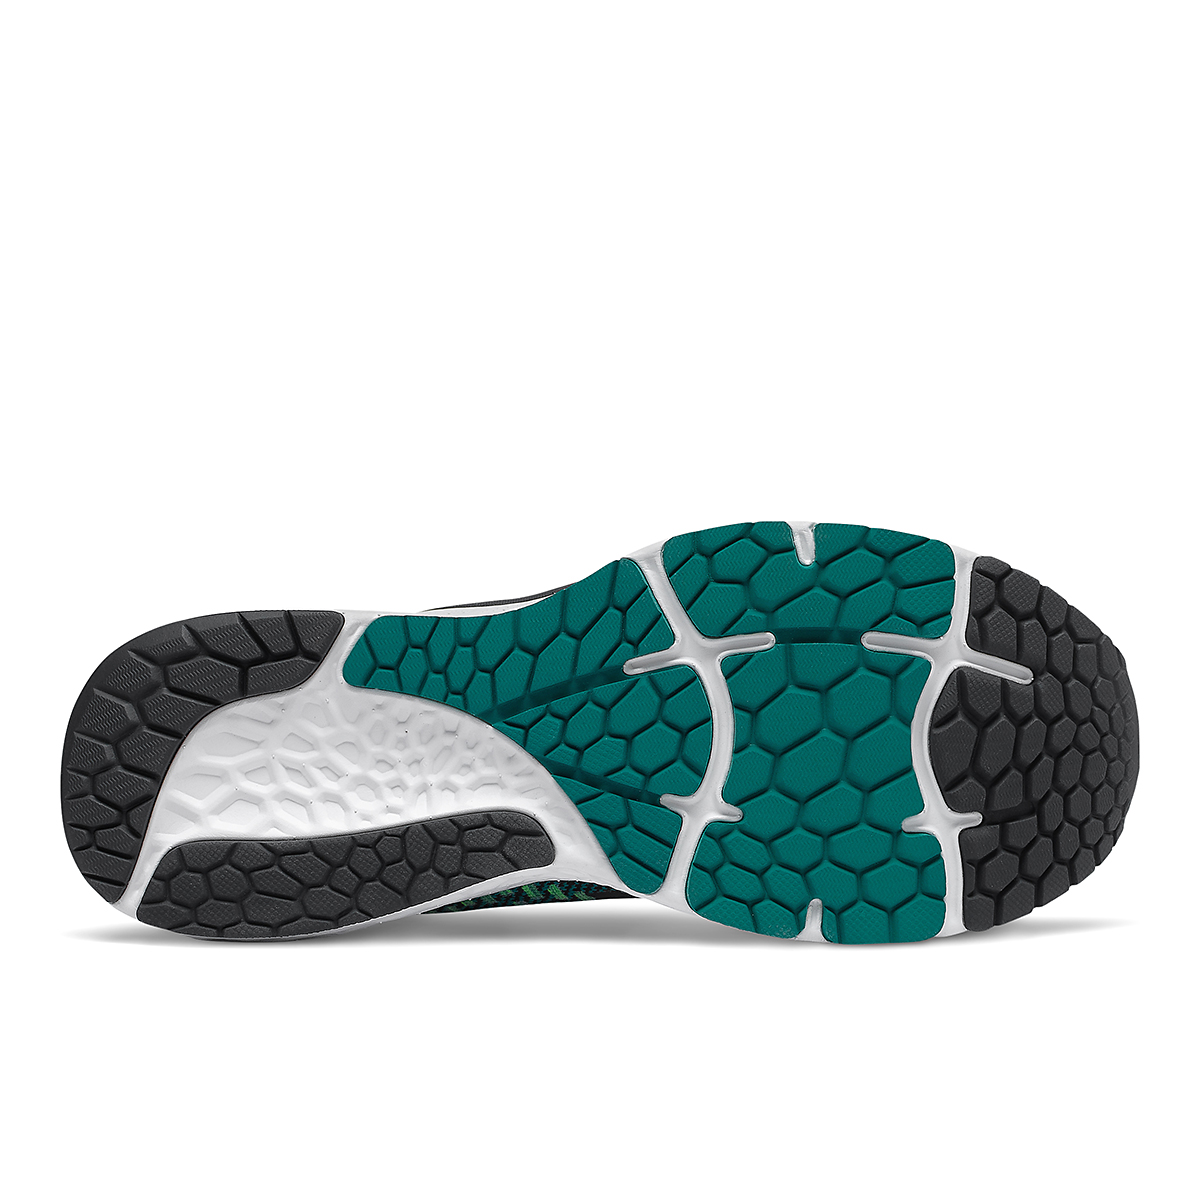 Men's New Balance 880V10 Running Shoe - Color: Black - Size: 7 - Width: Wide, Black, large, image 4